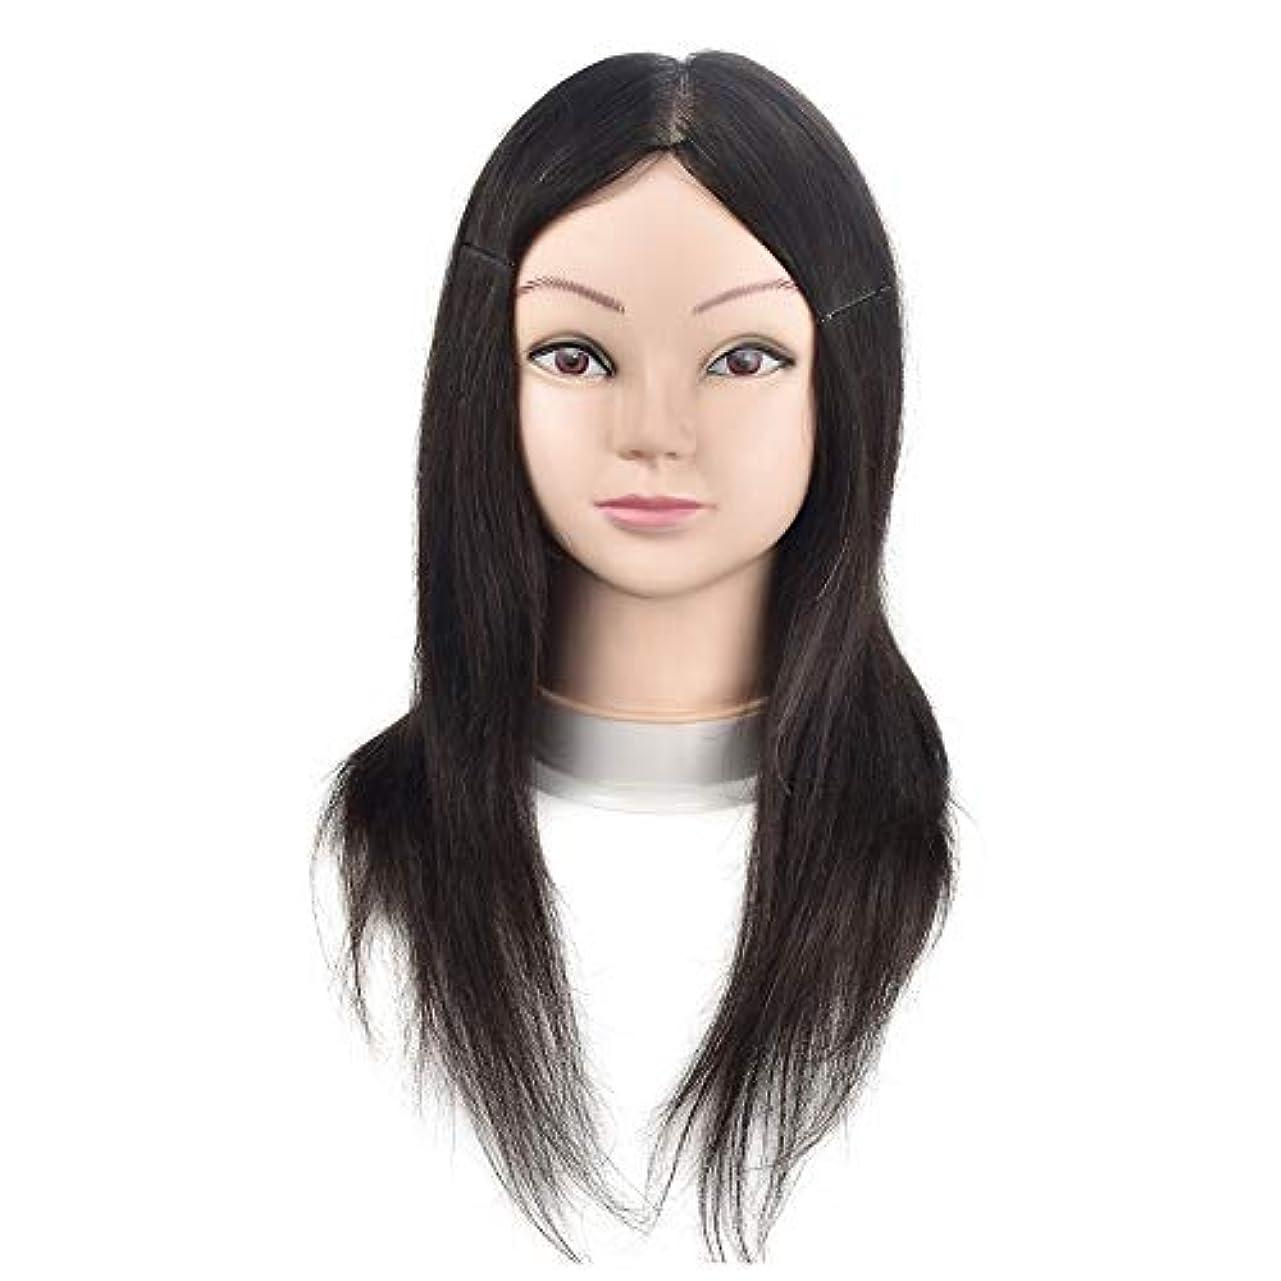 エンジニアリングジャンプする操作本物の髪、髪編組髪、熱い染毛ヘッド型サロン形状かつら運動ヘッド散髪学習ダミーヘッド